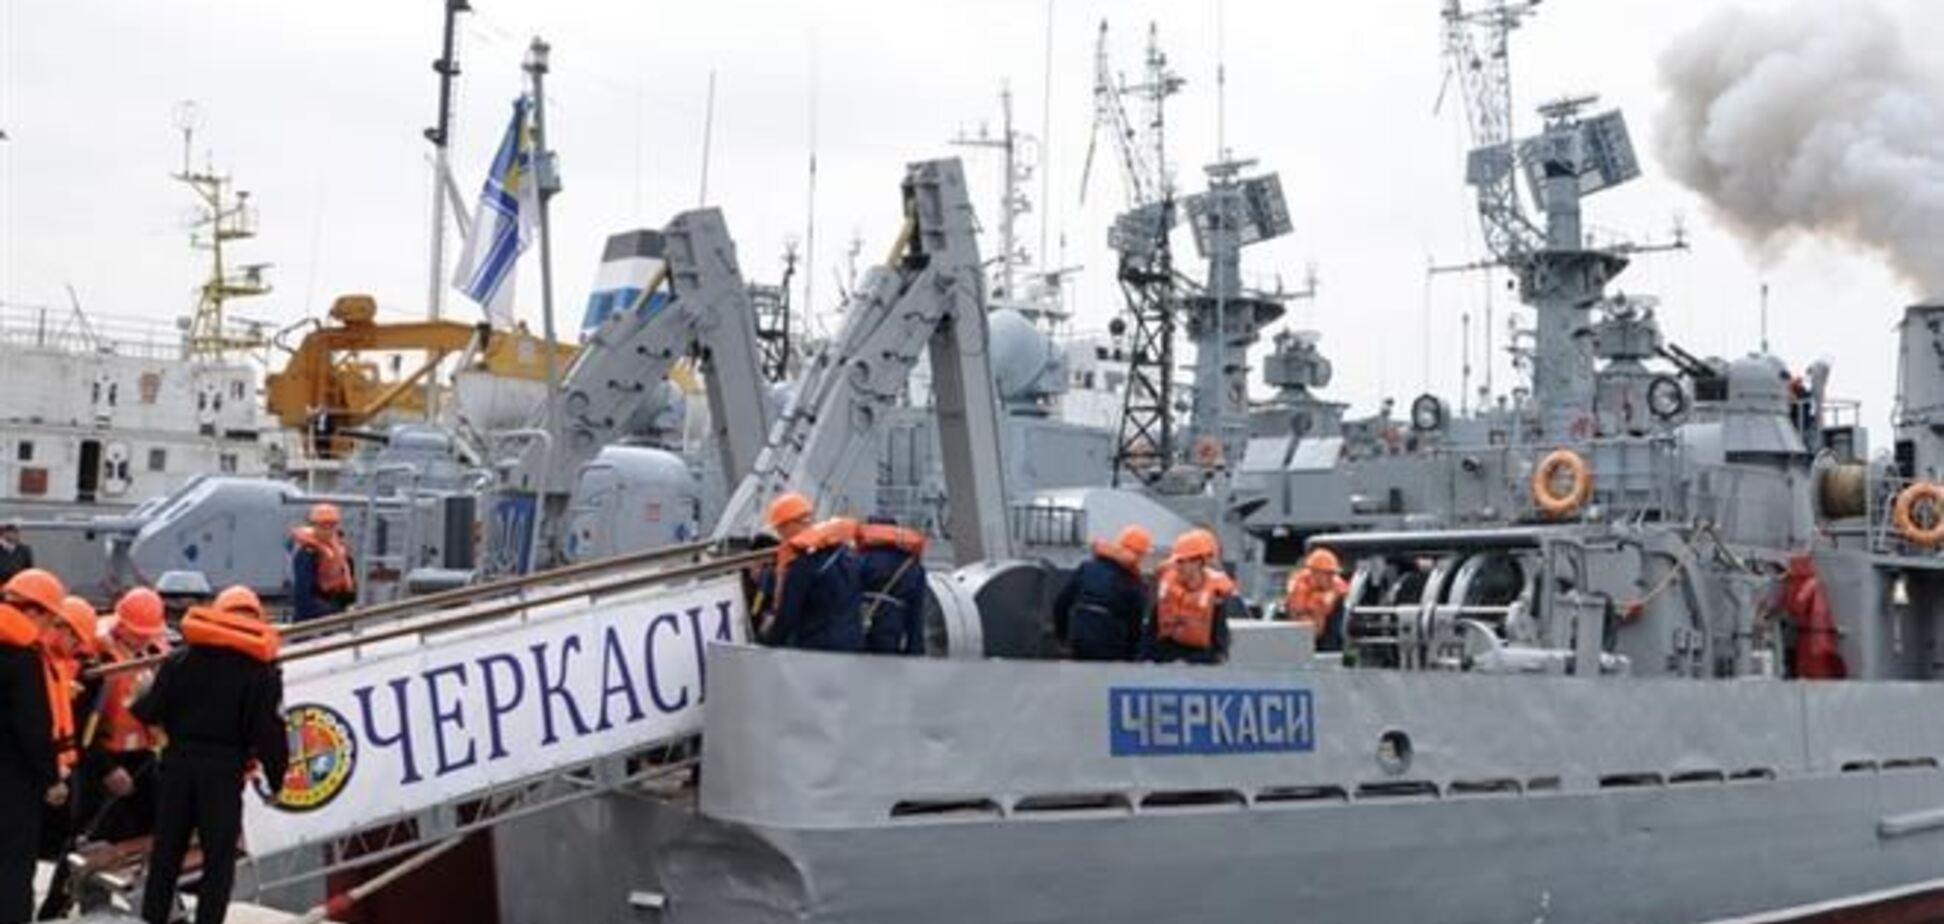 На тральщику 'Черкаси' піднято український прапор, моряки не здаються